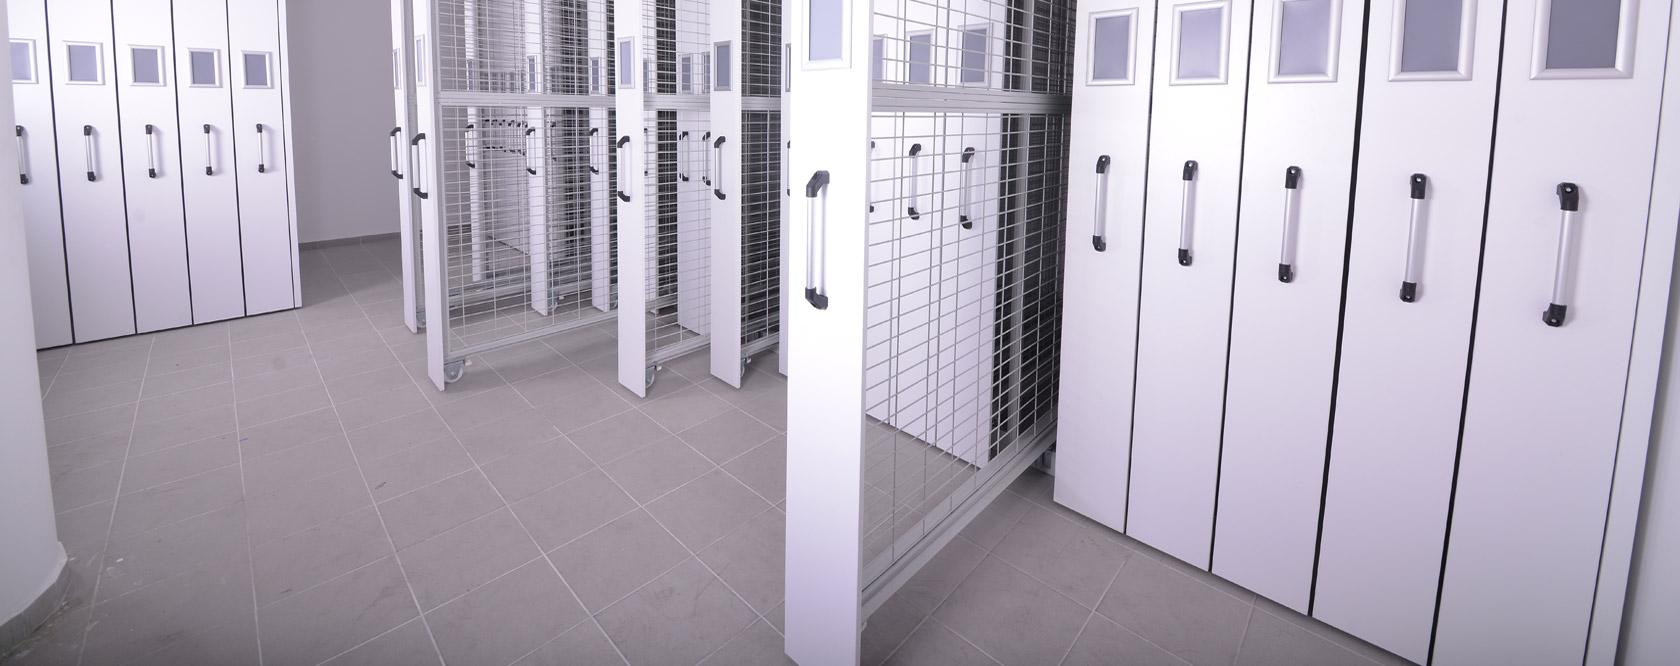 Ceylan-Çelik-Tablo-ve-Resim-Arşiv-Sistemleri